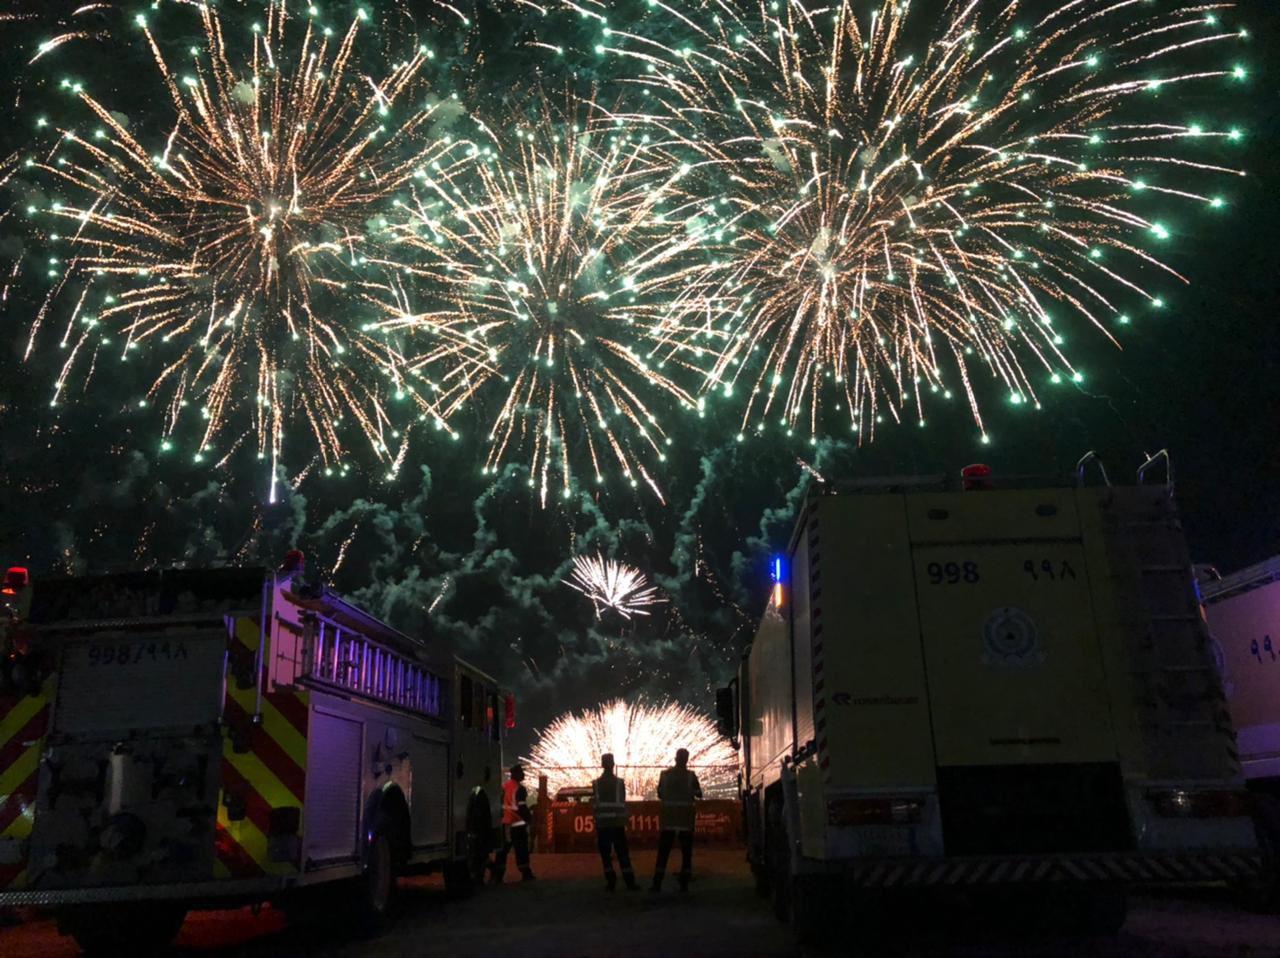 صورة الألعاب النارية تزين سماء تبوك بتشكيلات فنية رائعة